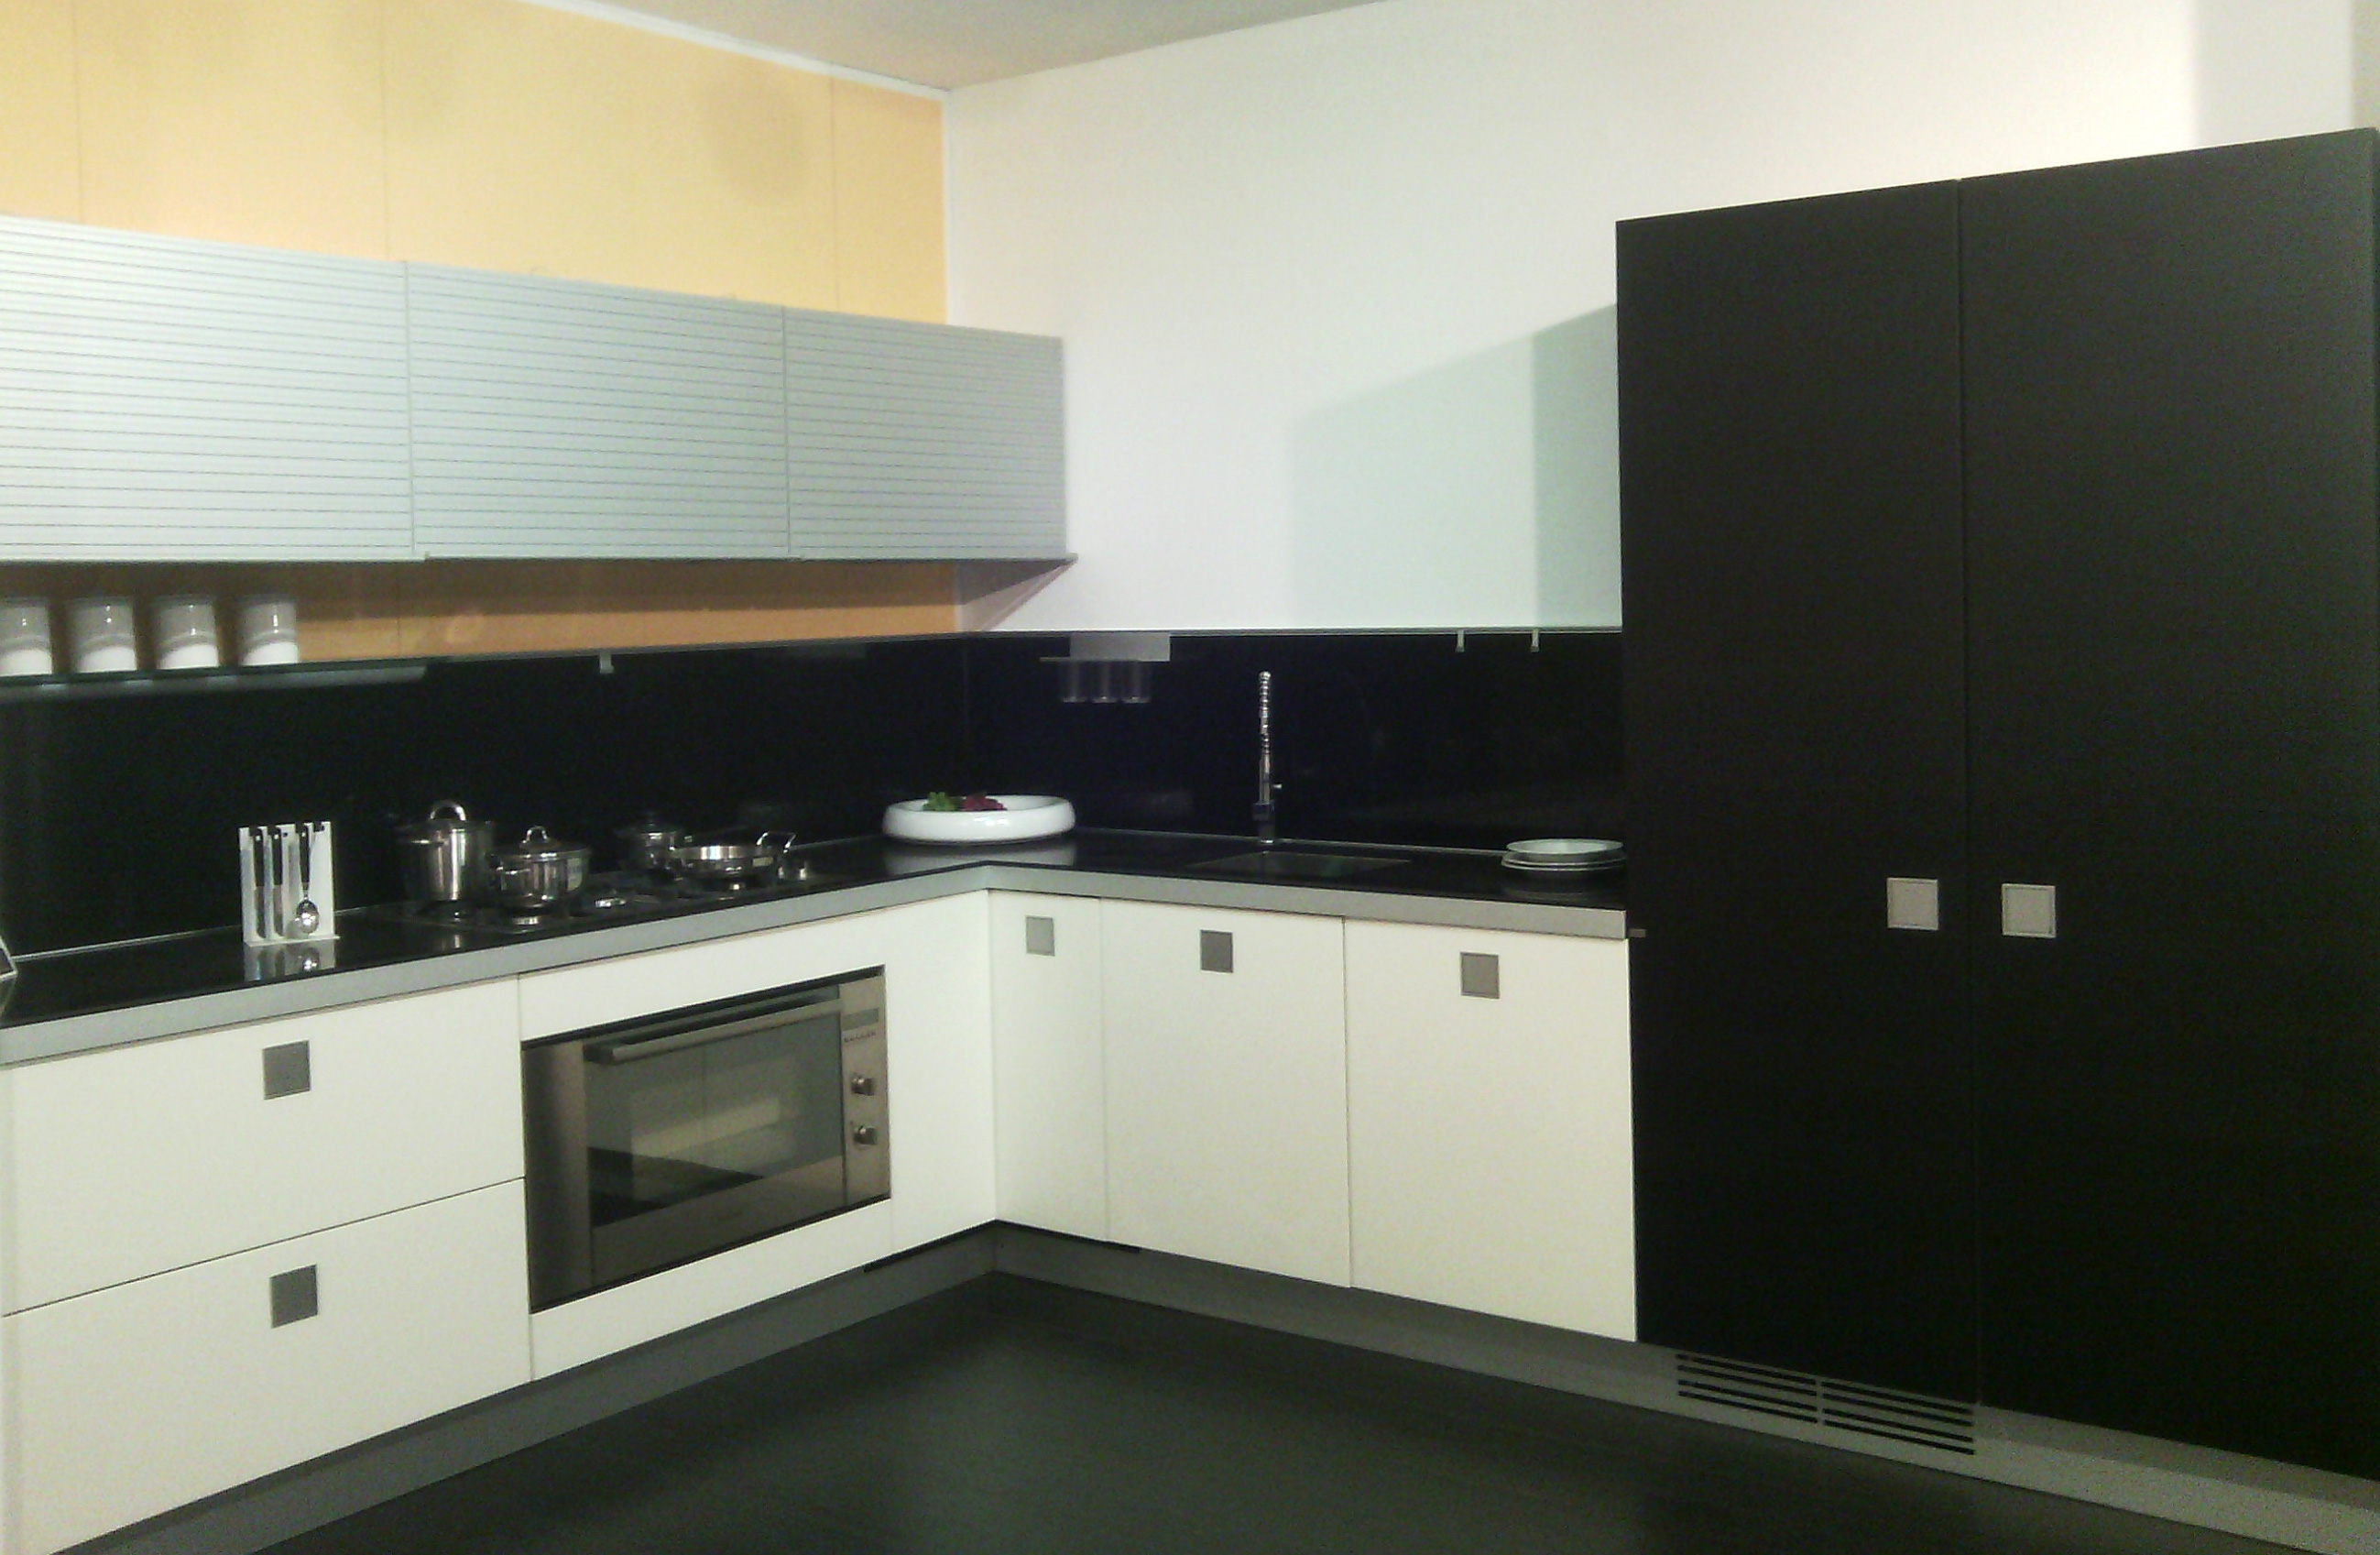 cucina ernestomeda modello silverbox offerta esposizione